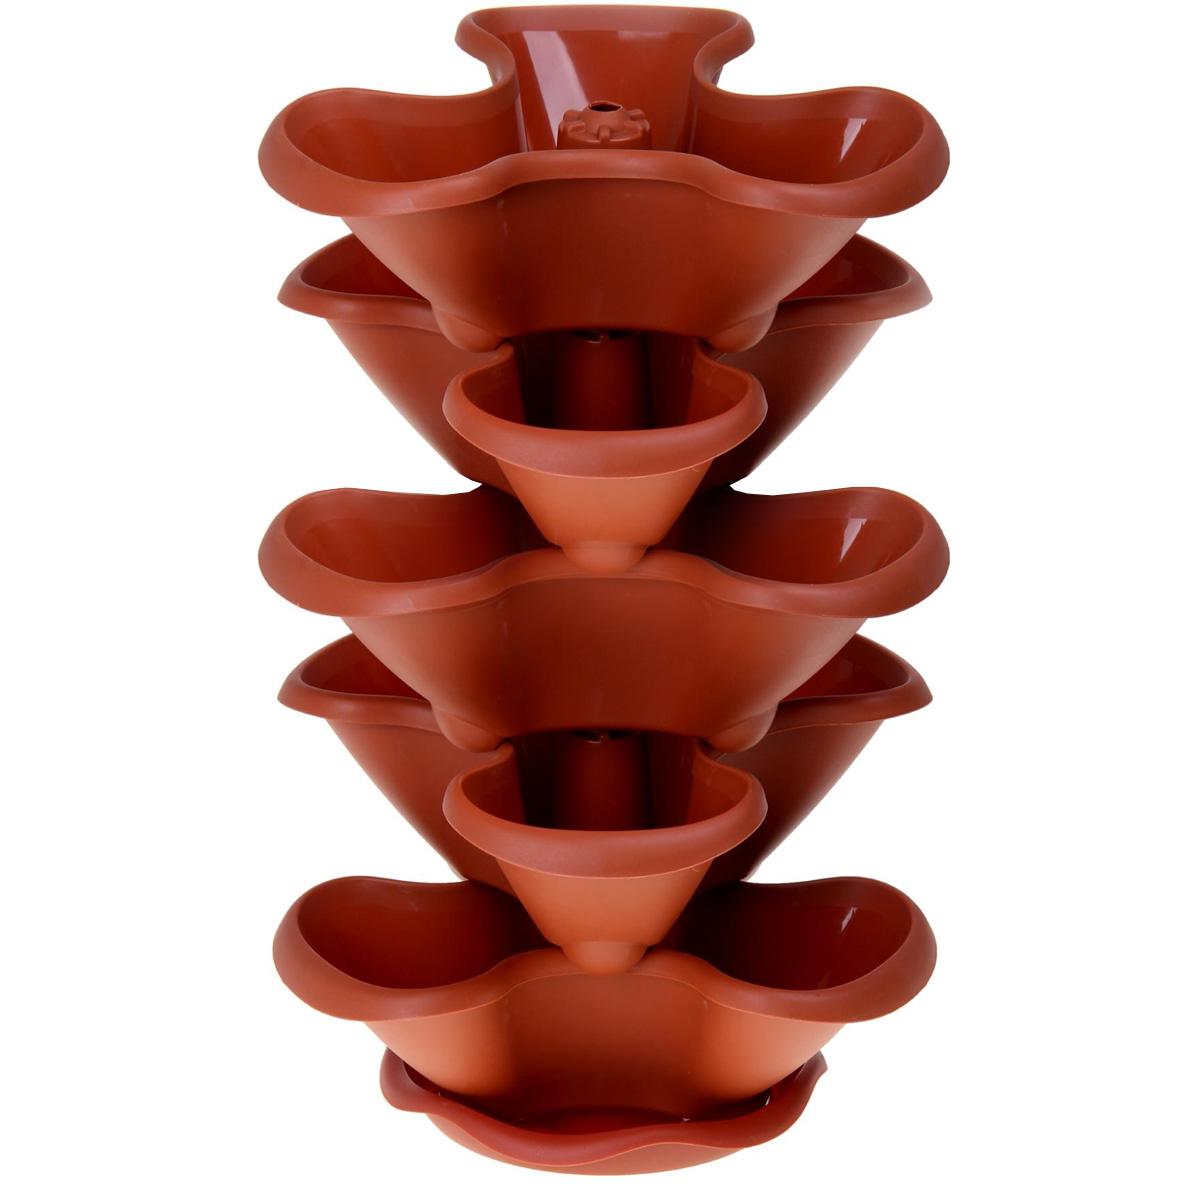 Этажерка цветочная Idea Гамма, цвет: терракотовый, 5 кашпоМ 3145Цветочная этажерка Idea Гамма изготовлена из высококачественного полипропилена и представляет собой 5 фигурных кашпо, которые устанавливаются друг на друга. Вся конструкция располагается на подставке.Такая красивая этажерка предназначена для выращивания растений и цветов в домашних условиях. Стильный яркий дизайн сделает ее отличным дополнением интерьера. Высота этажерки: 61 см.Размер одного кашпо: 38 х 35 х 14 см.